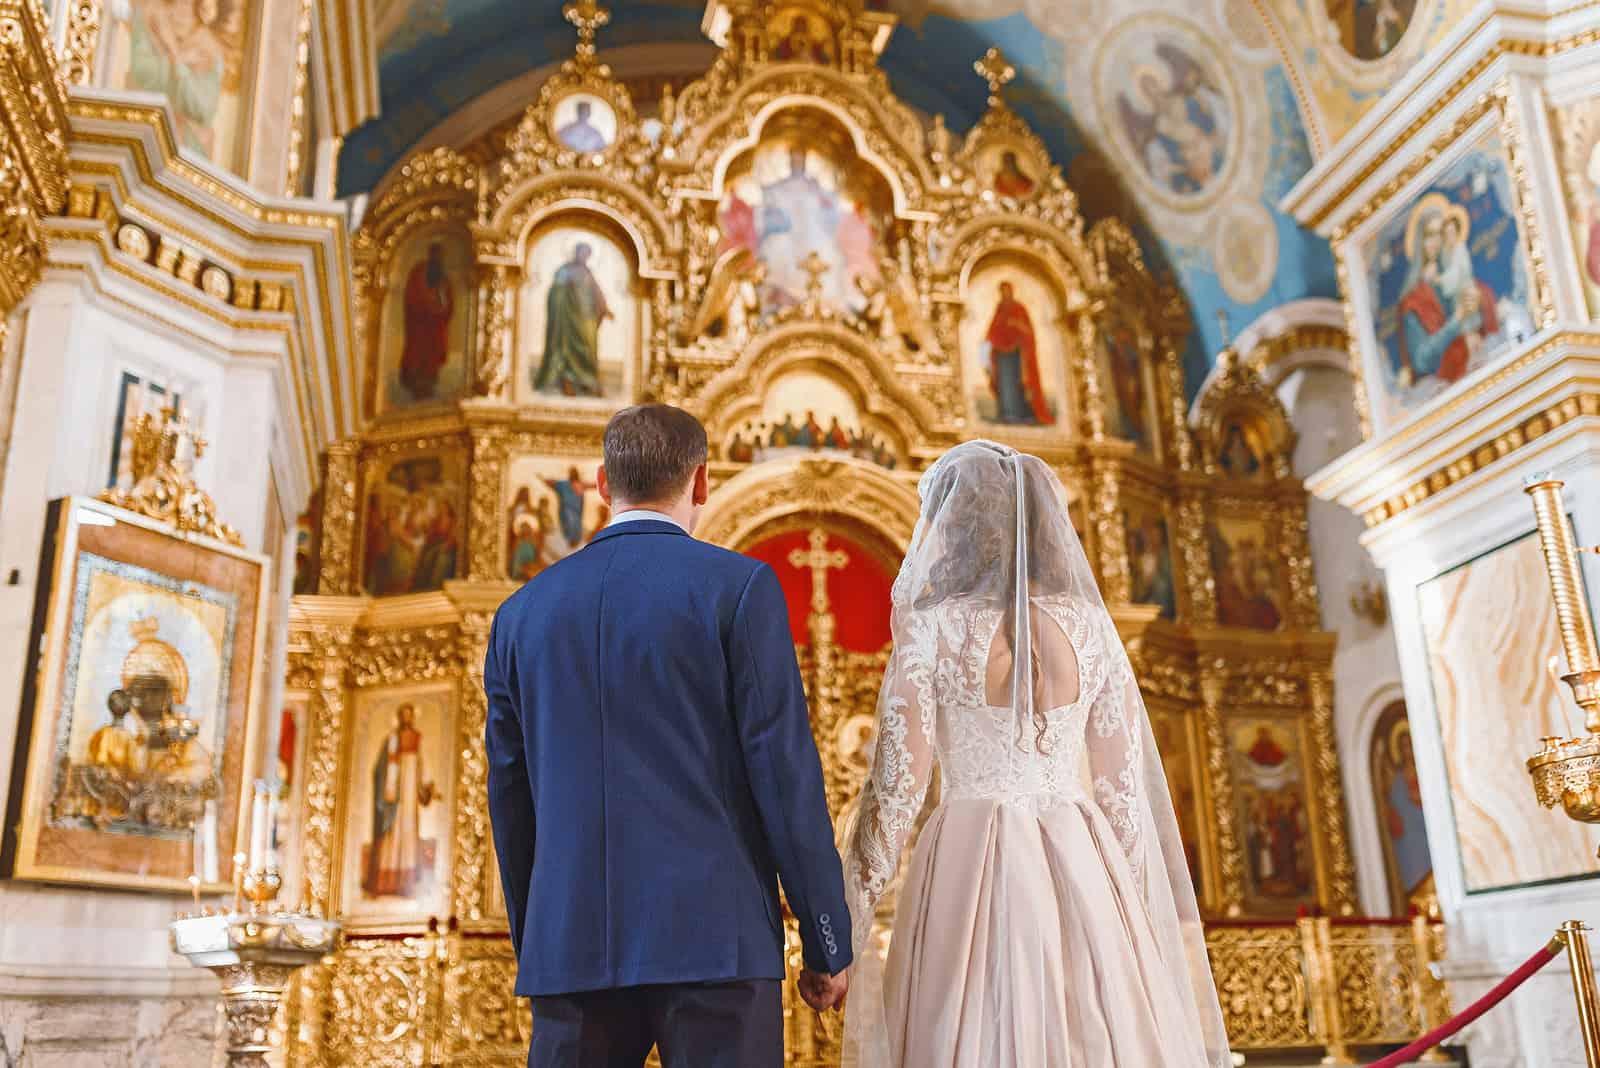 Hochzeitszeremonie in der orthodoxen Kirche